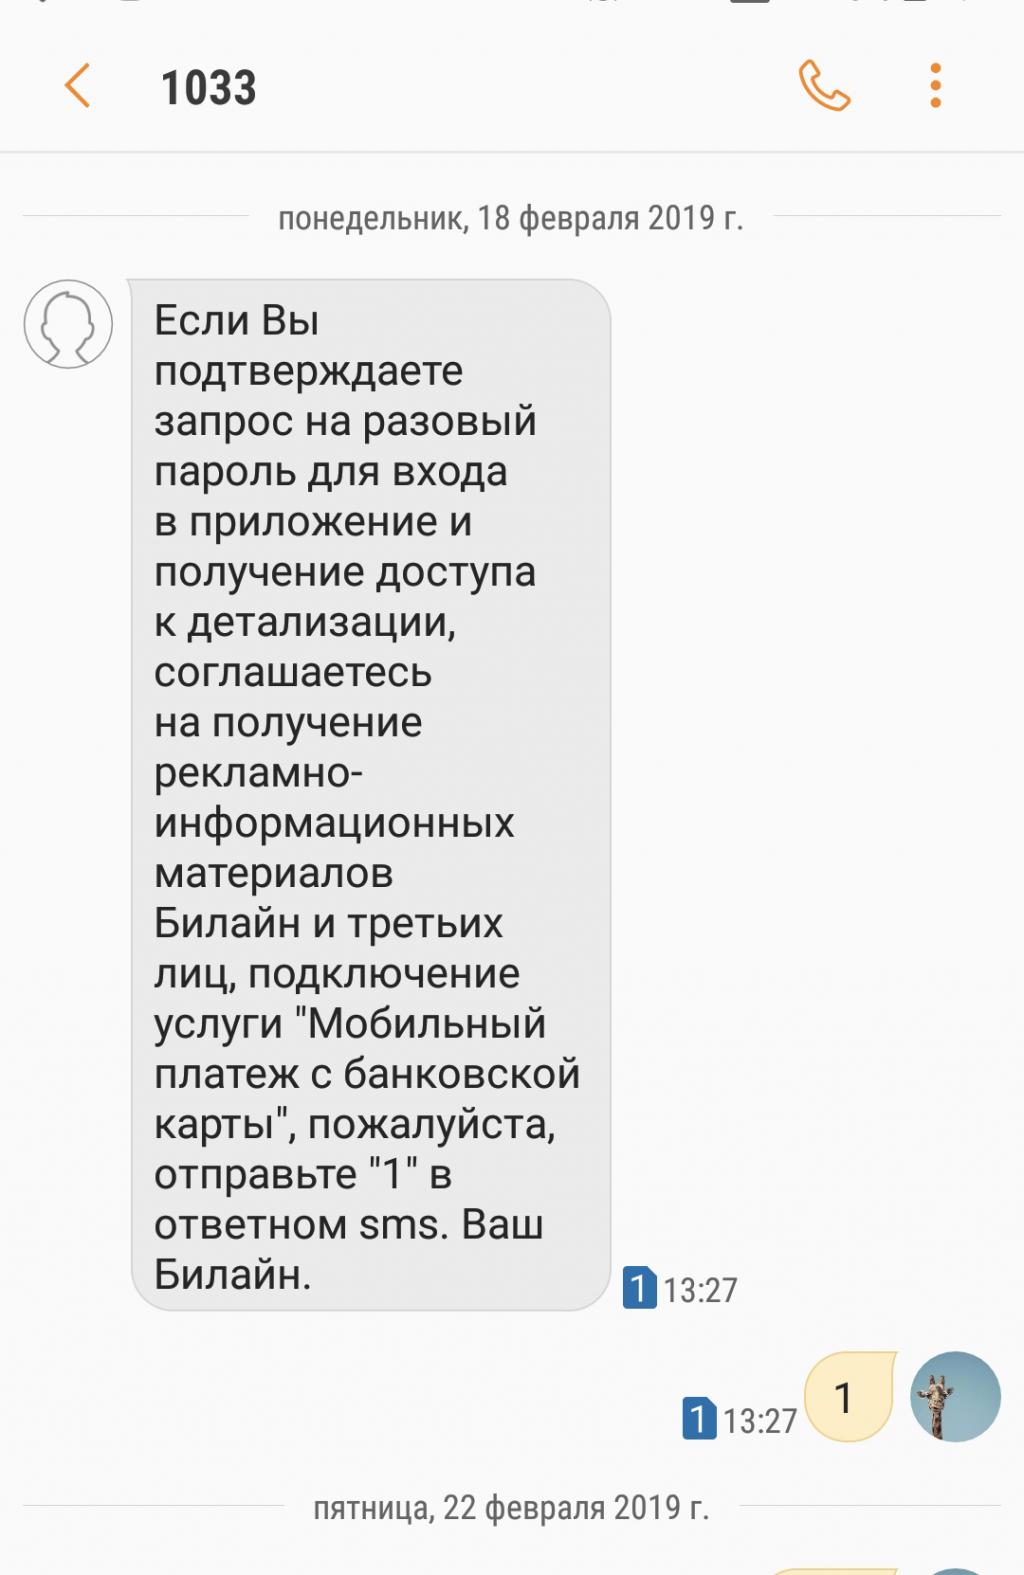 Билайн - Обман операторов Билайн